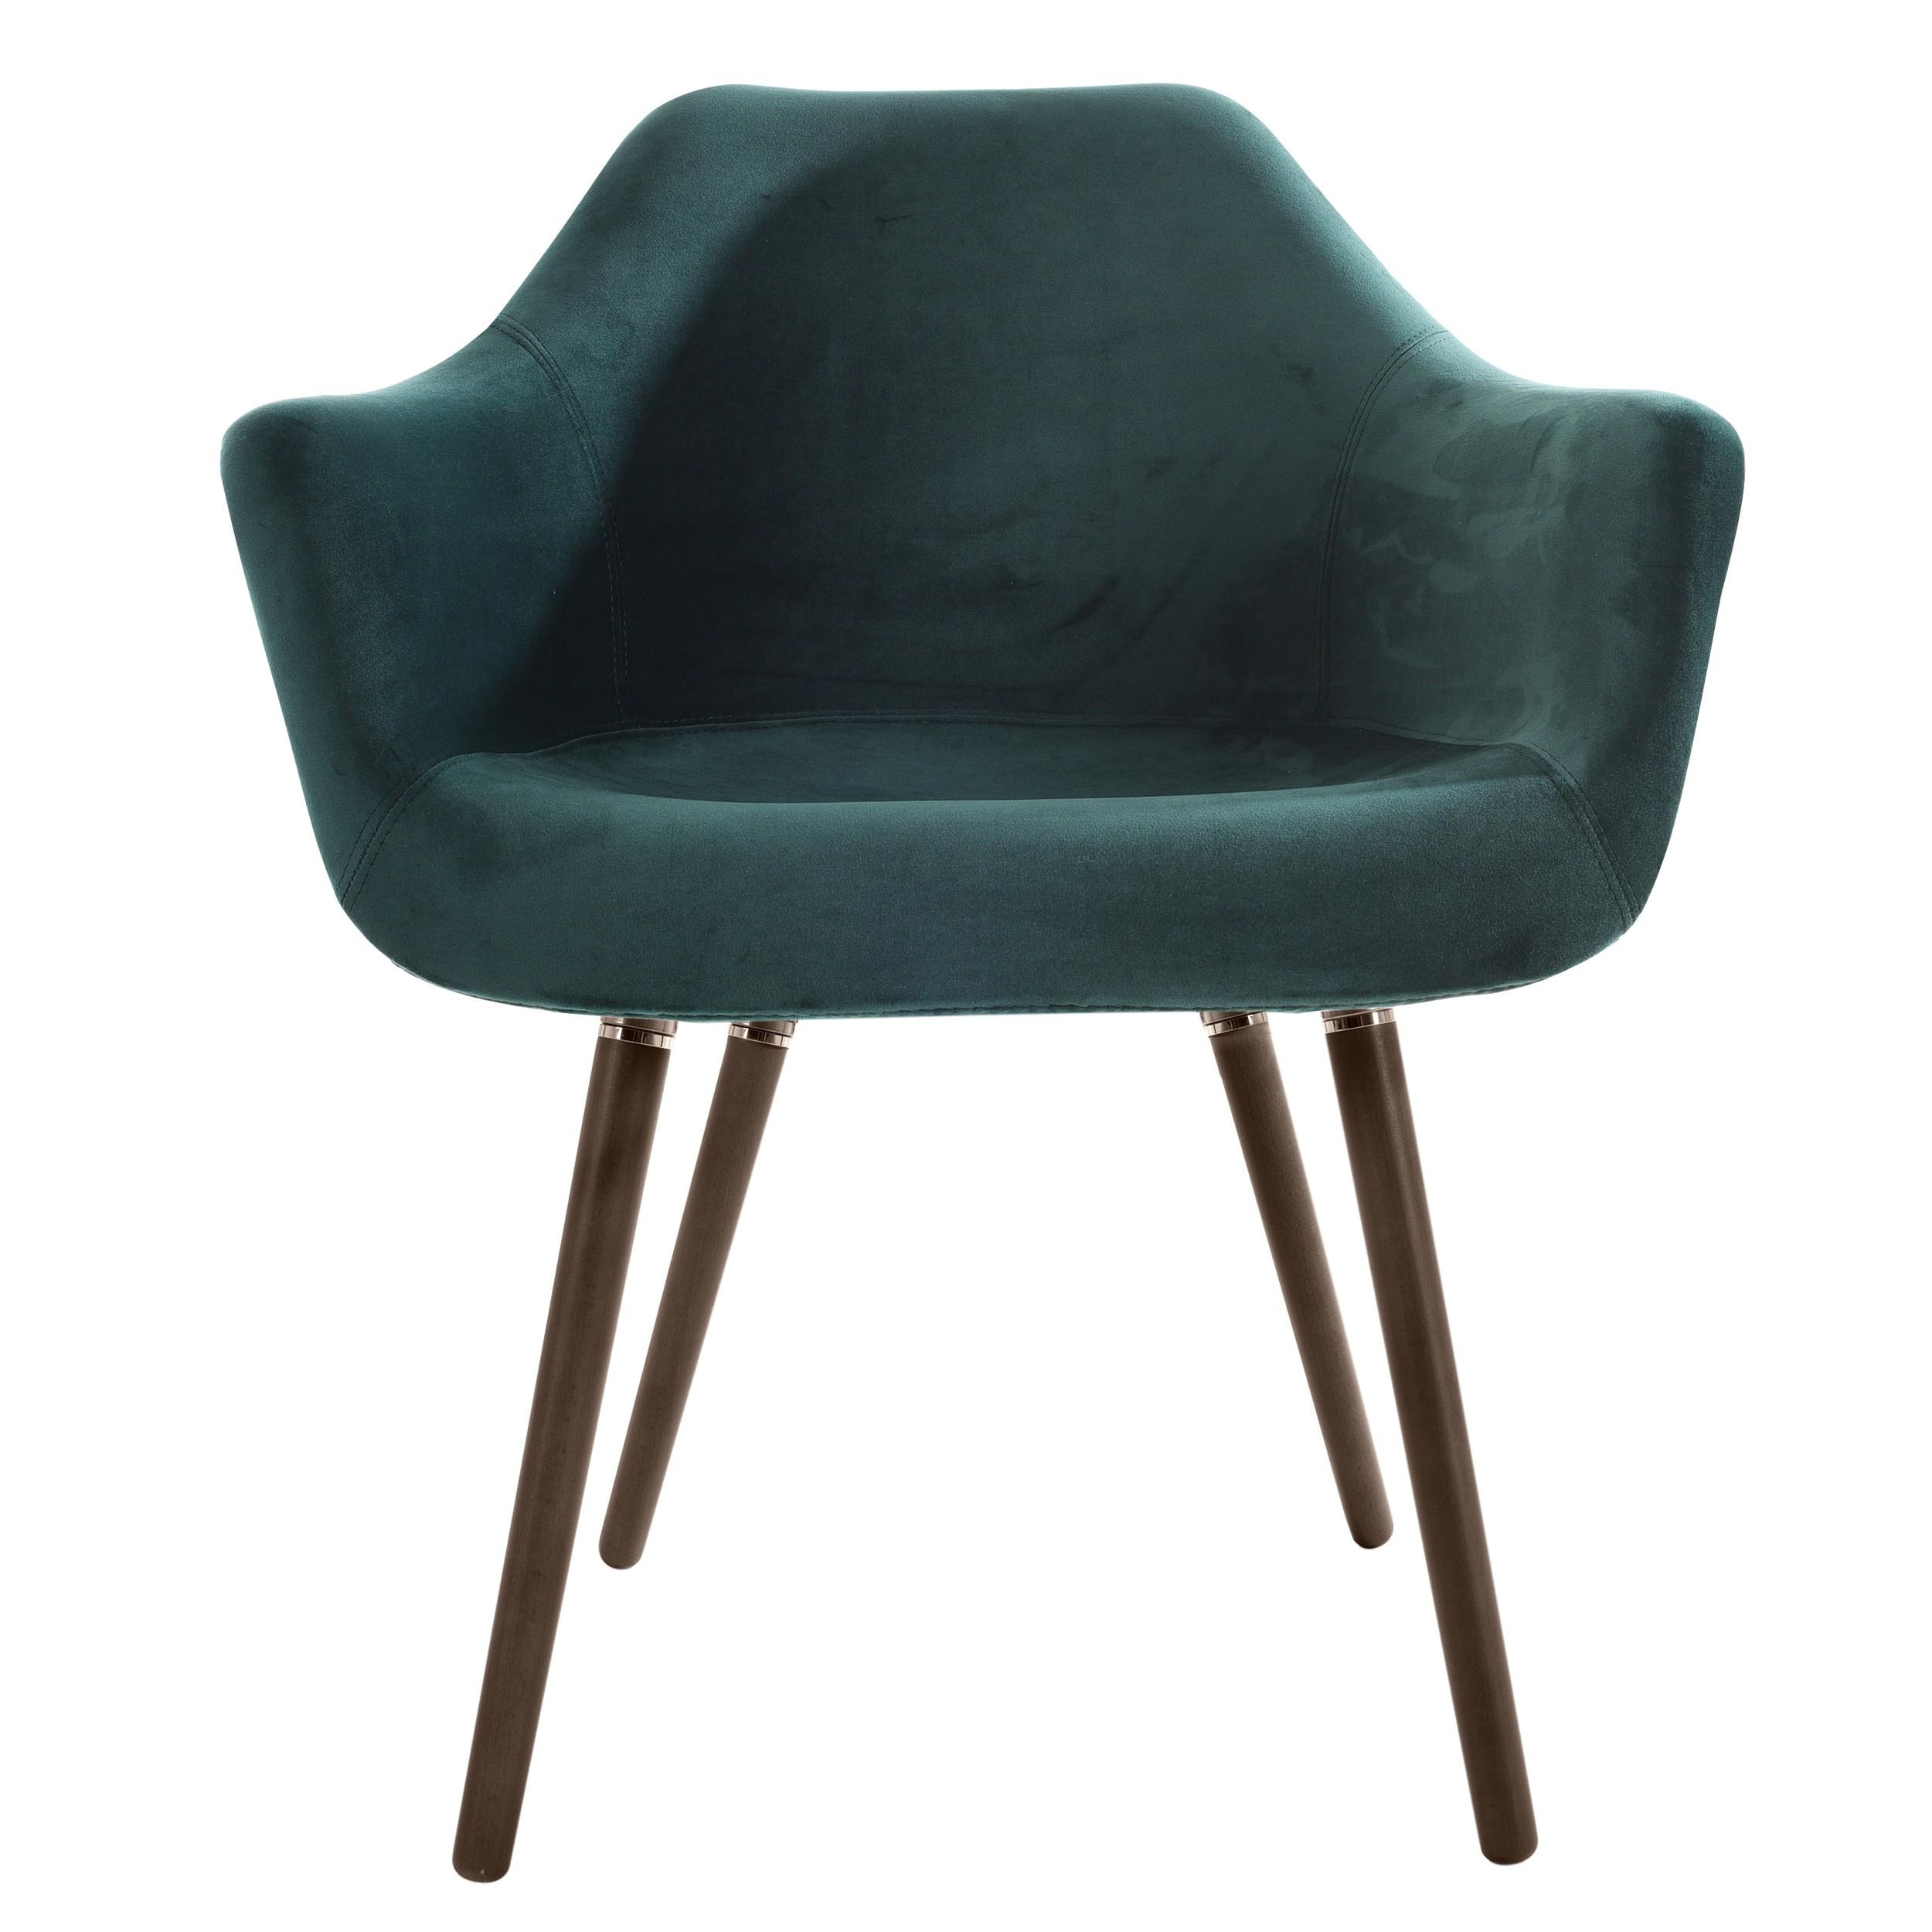 chaise anssen en velours vert commandez nos chaises anssen en velours vert rdv d co. Black Bedroom Furniture Sets. Home Design Ideas